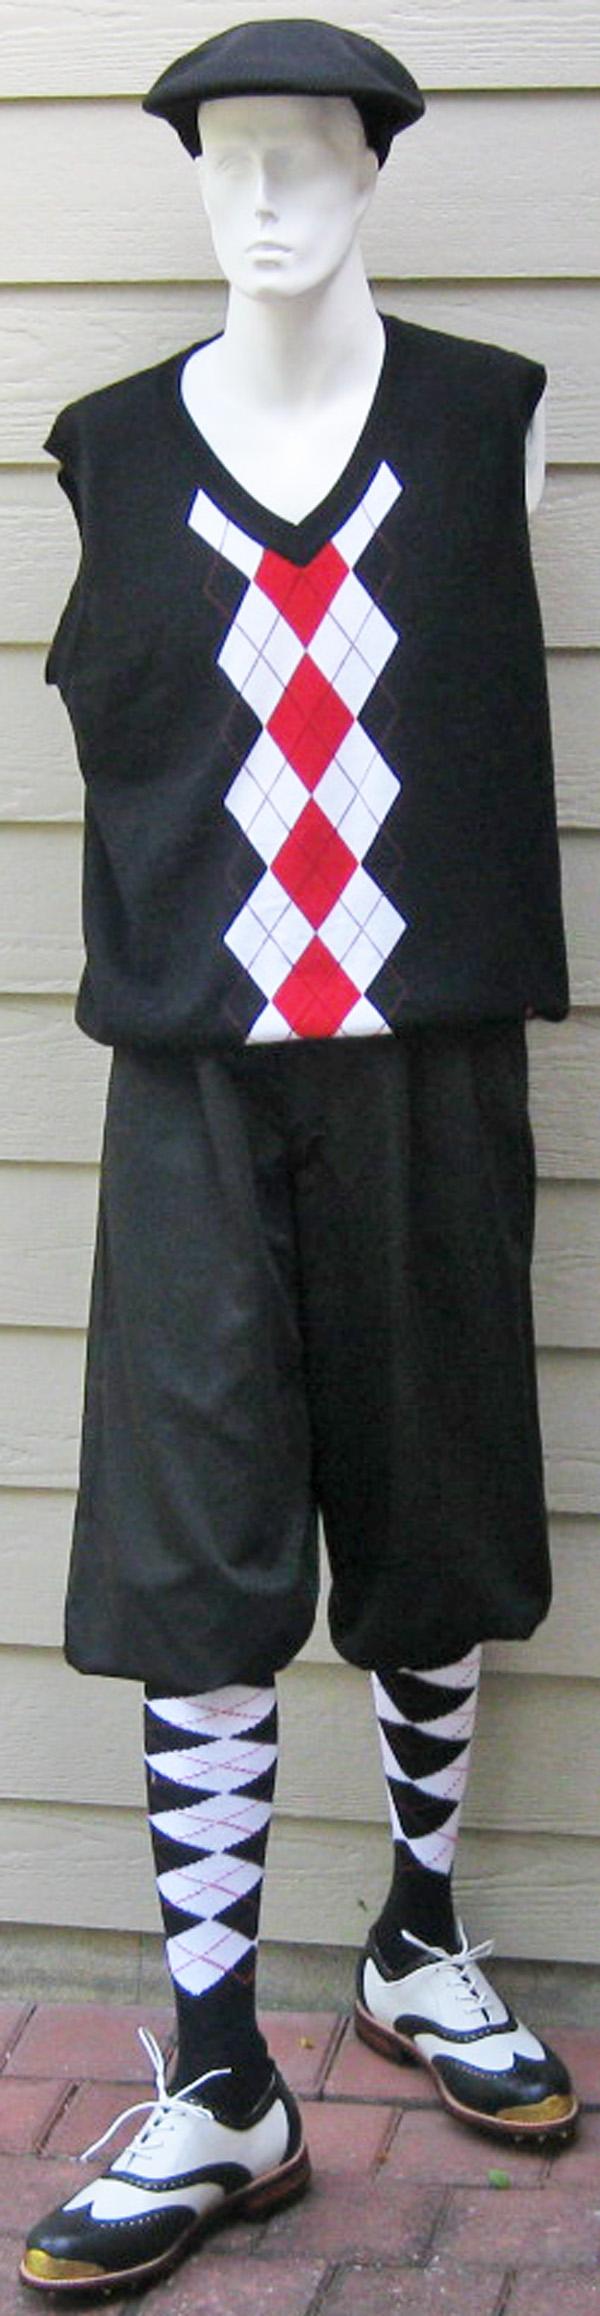 ae1bd874 Men Black Knickers-Argyle Vest-Argyle socks-Cap